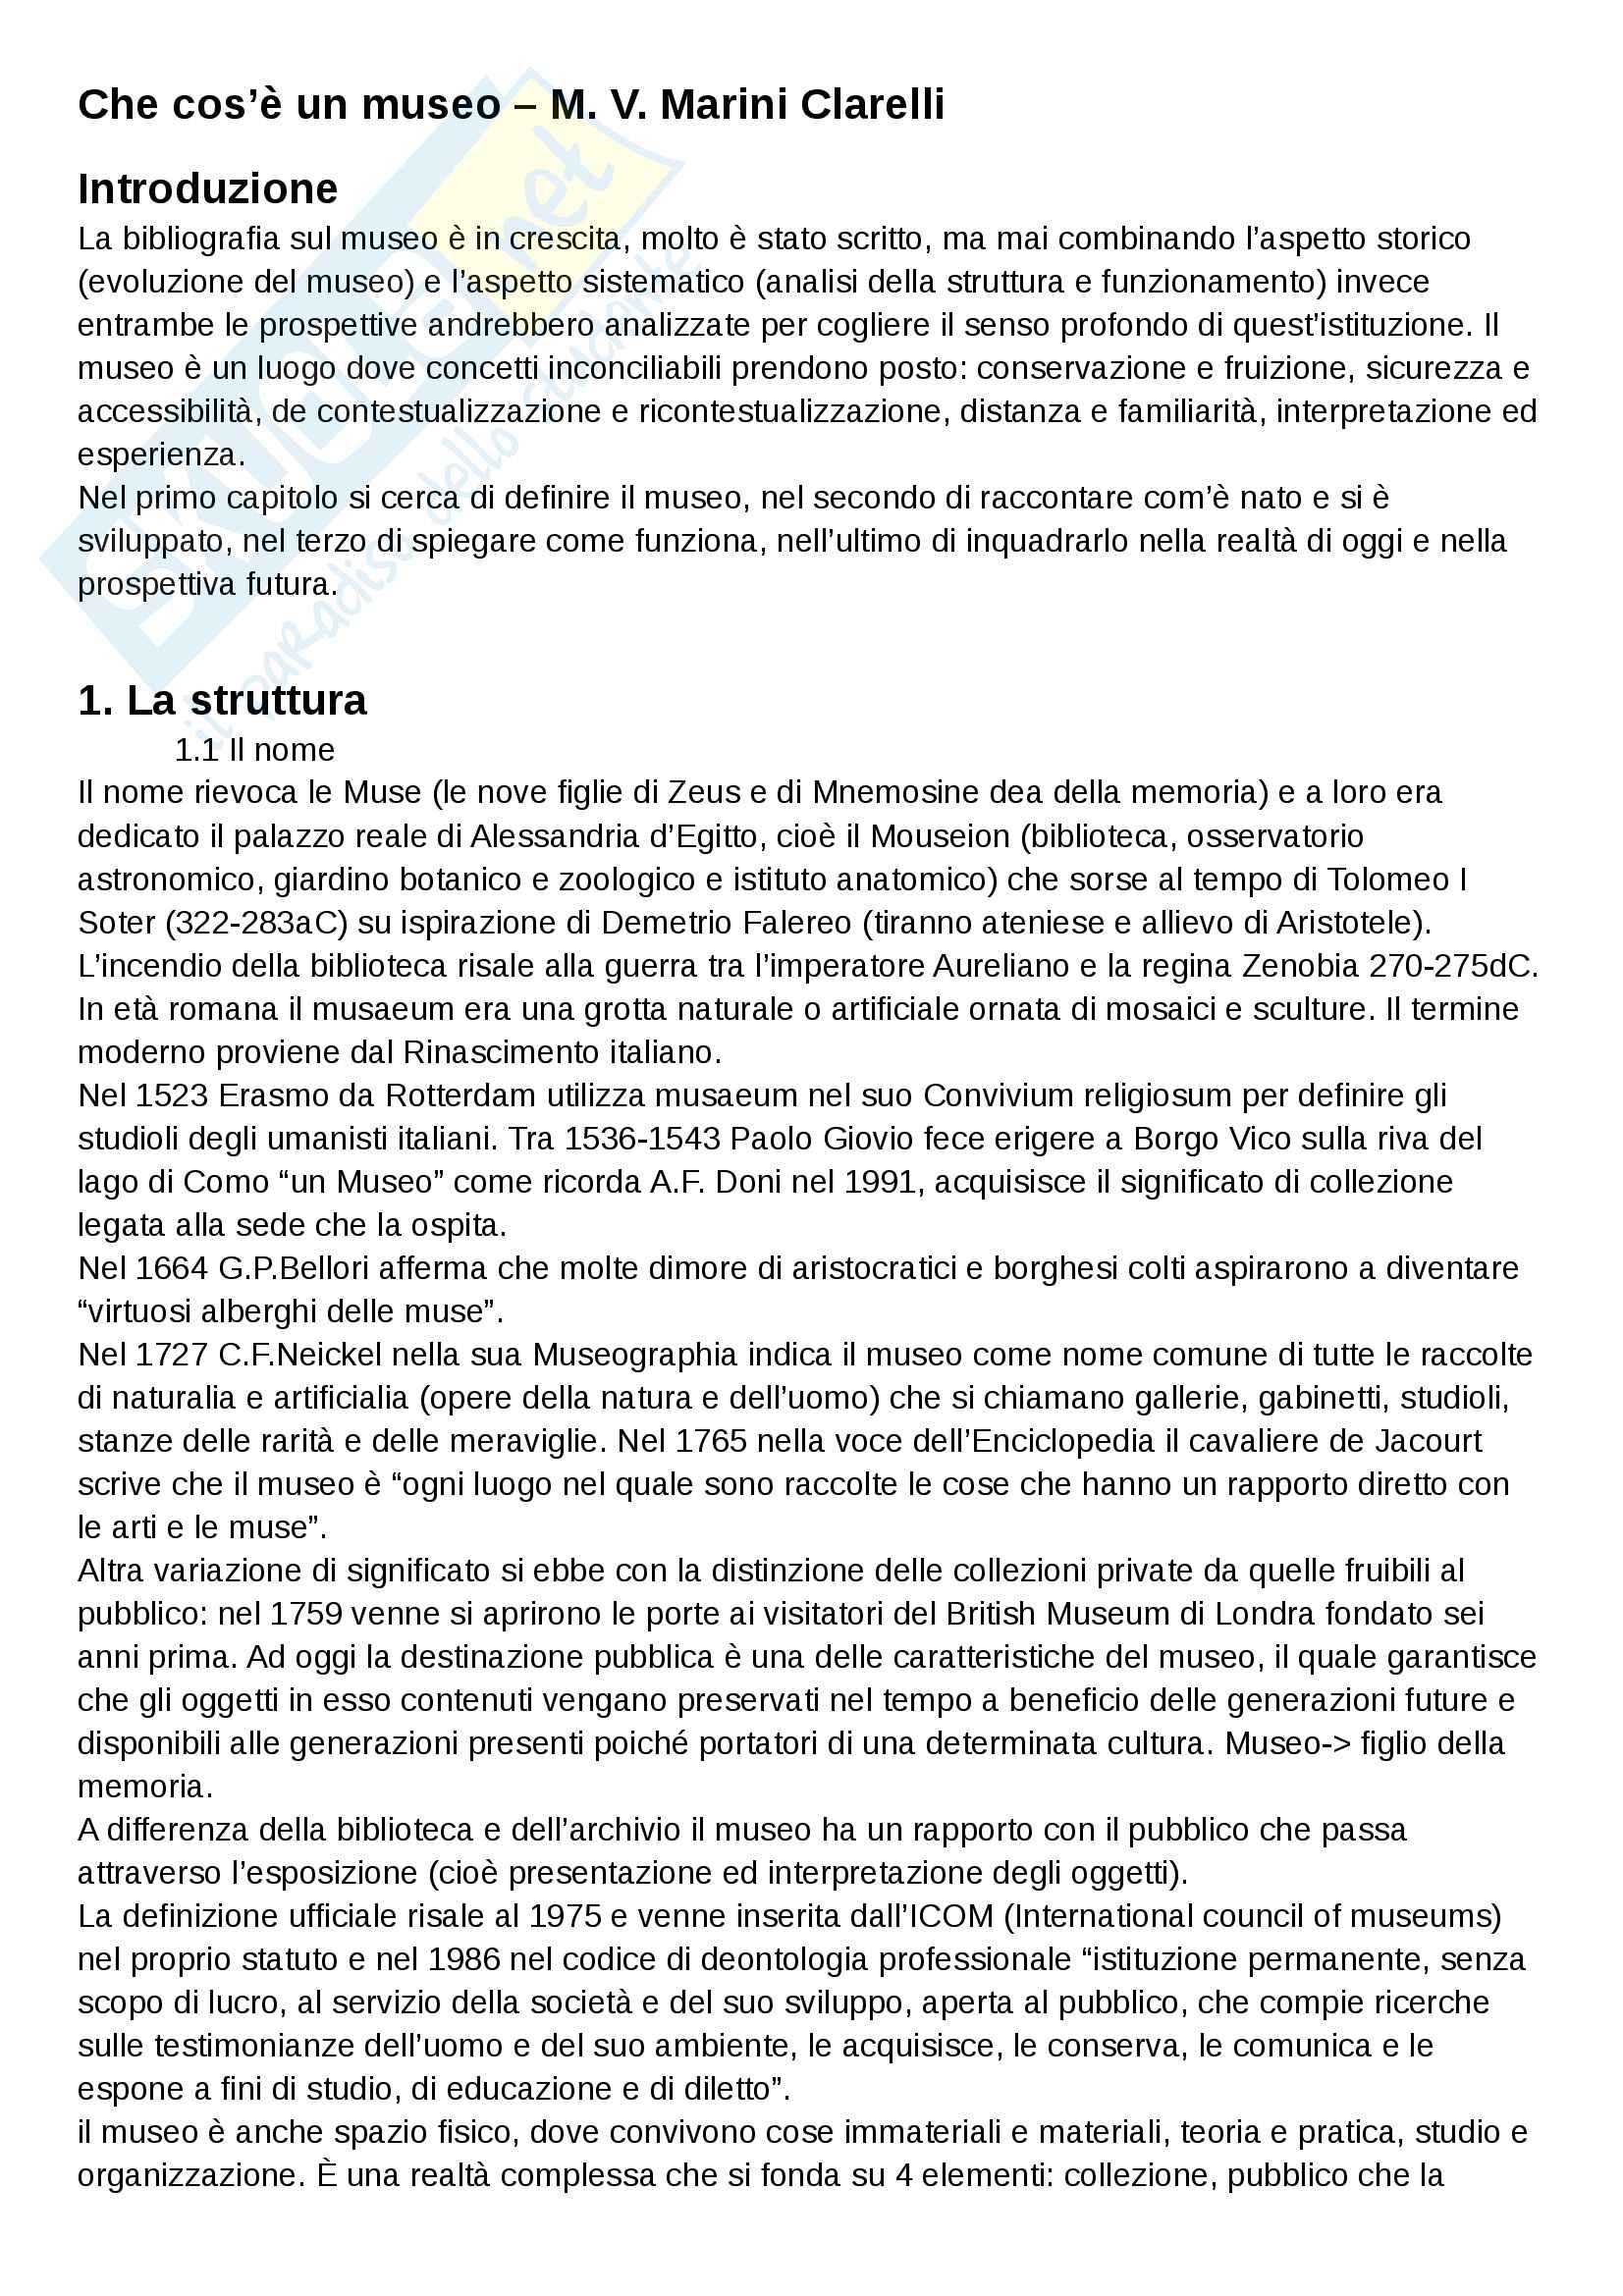 Riassunto esame Storia dell'Archeologia e Museologia, prof. Calcani, libro consigliato Che cos è un museo, M. V. Marini Clarelli